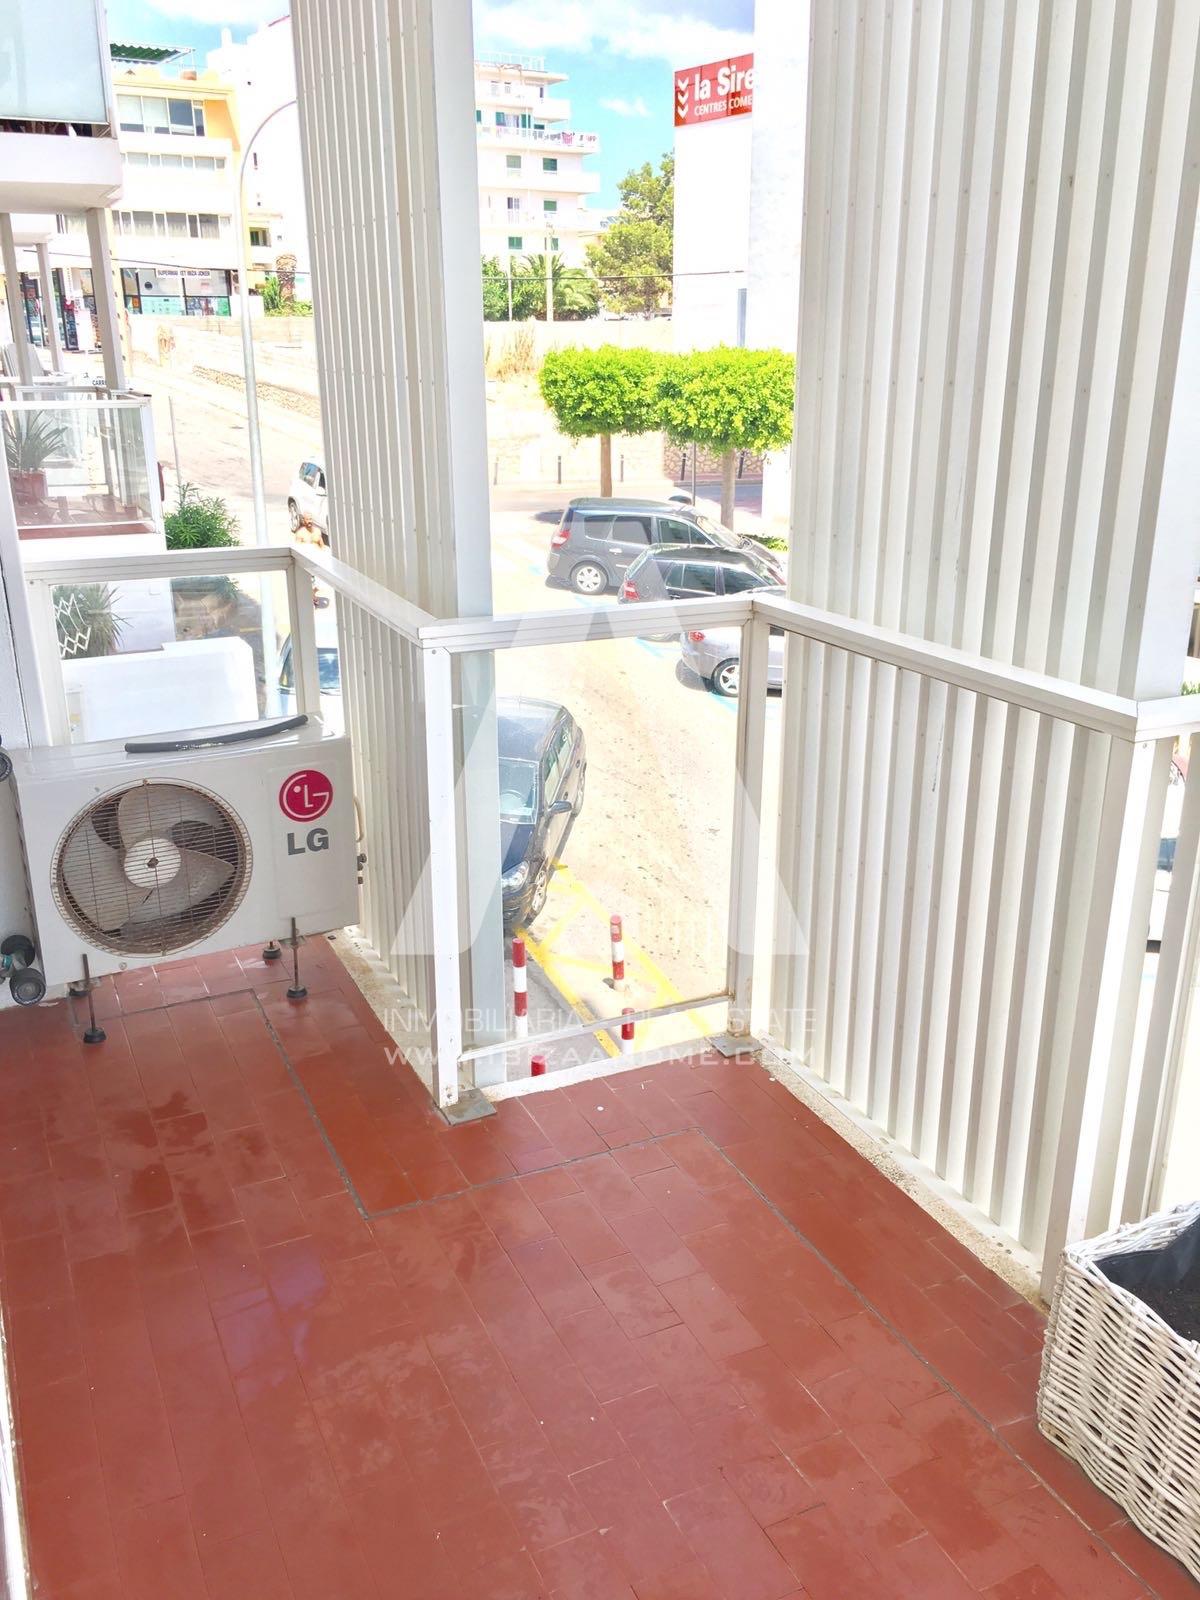 agua_balcon 2